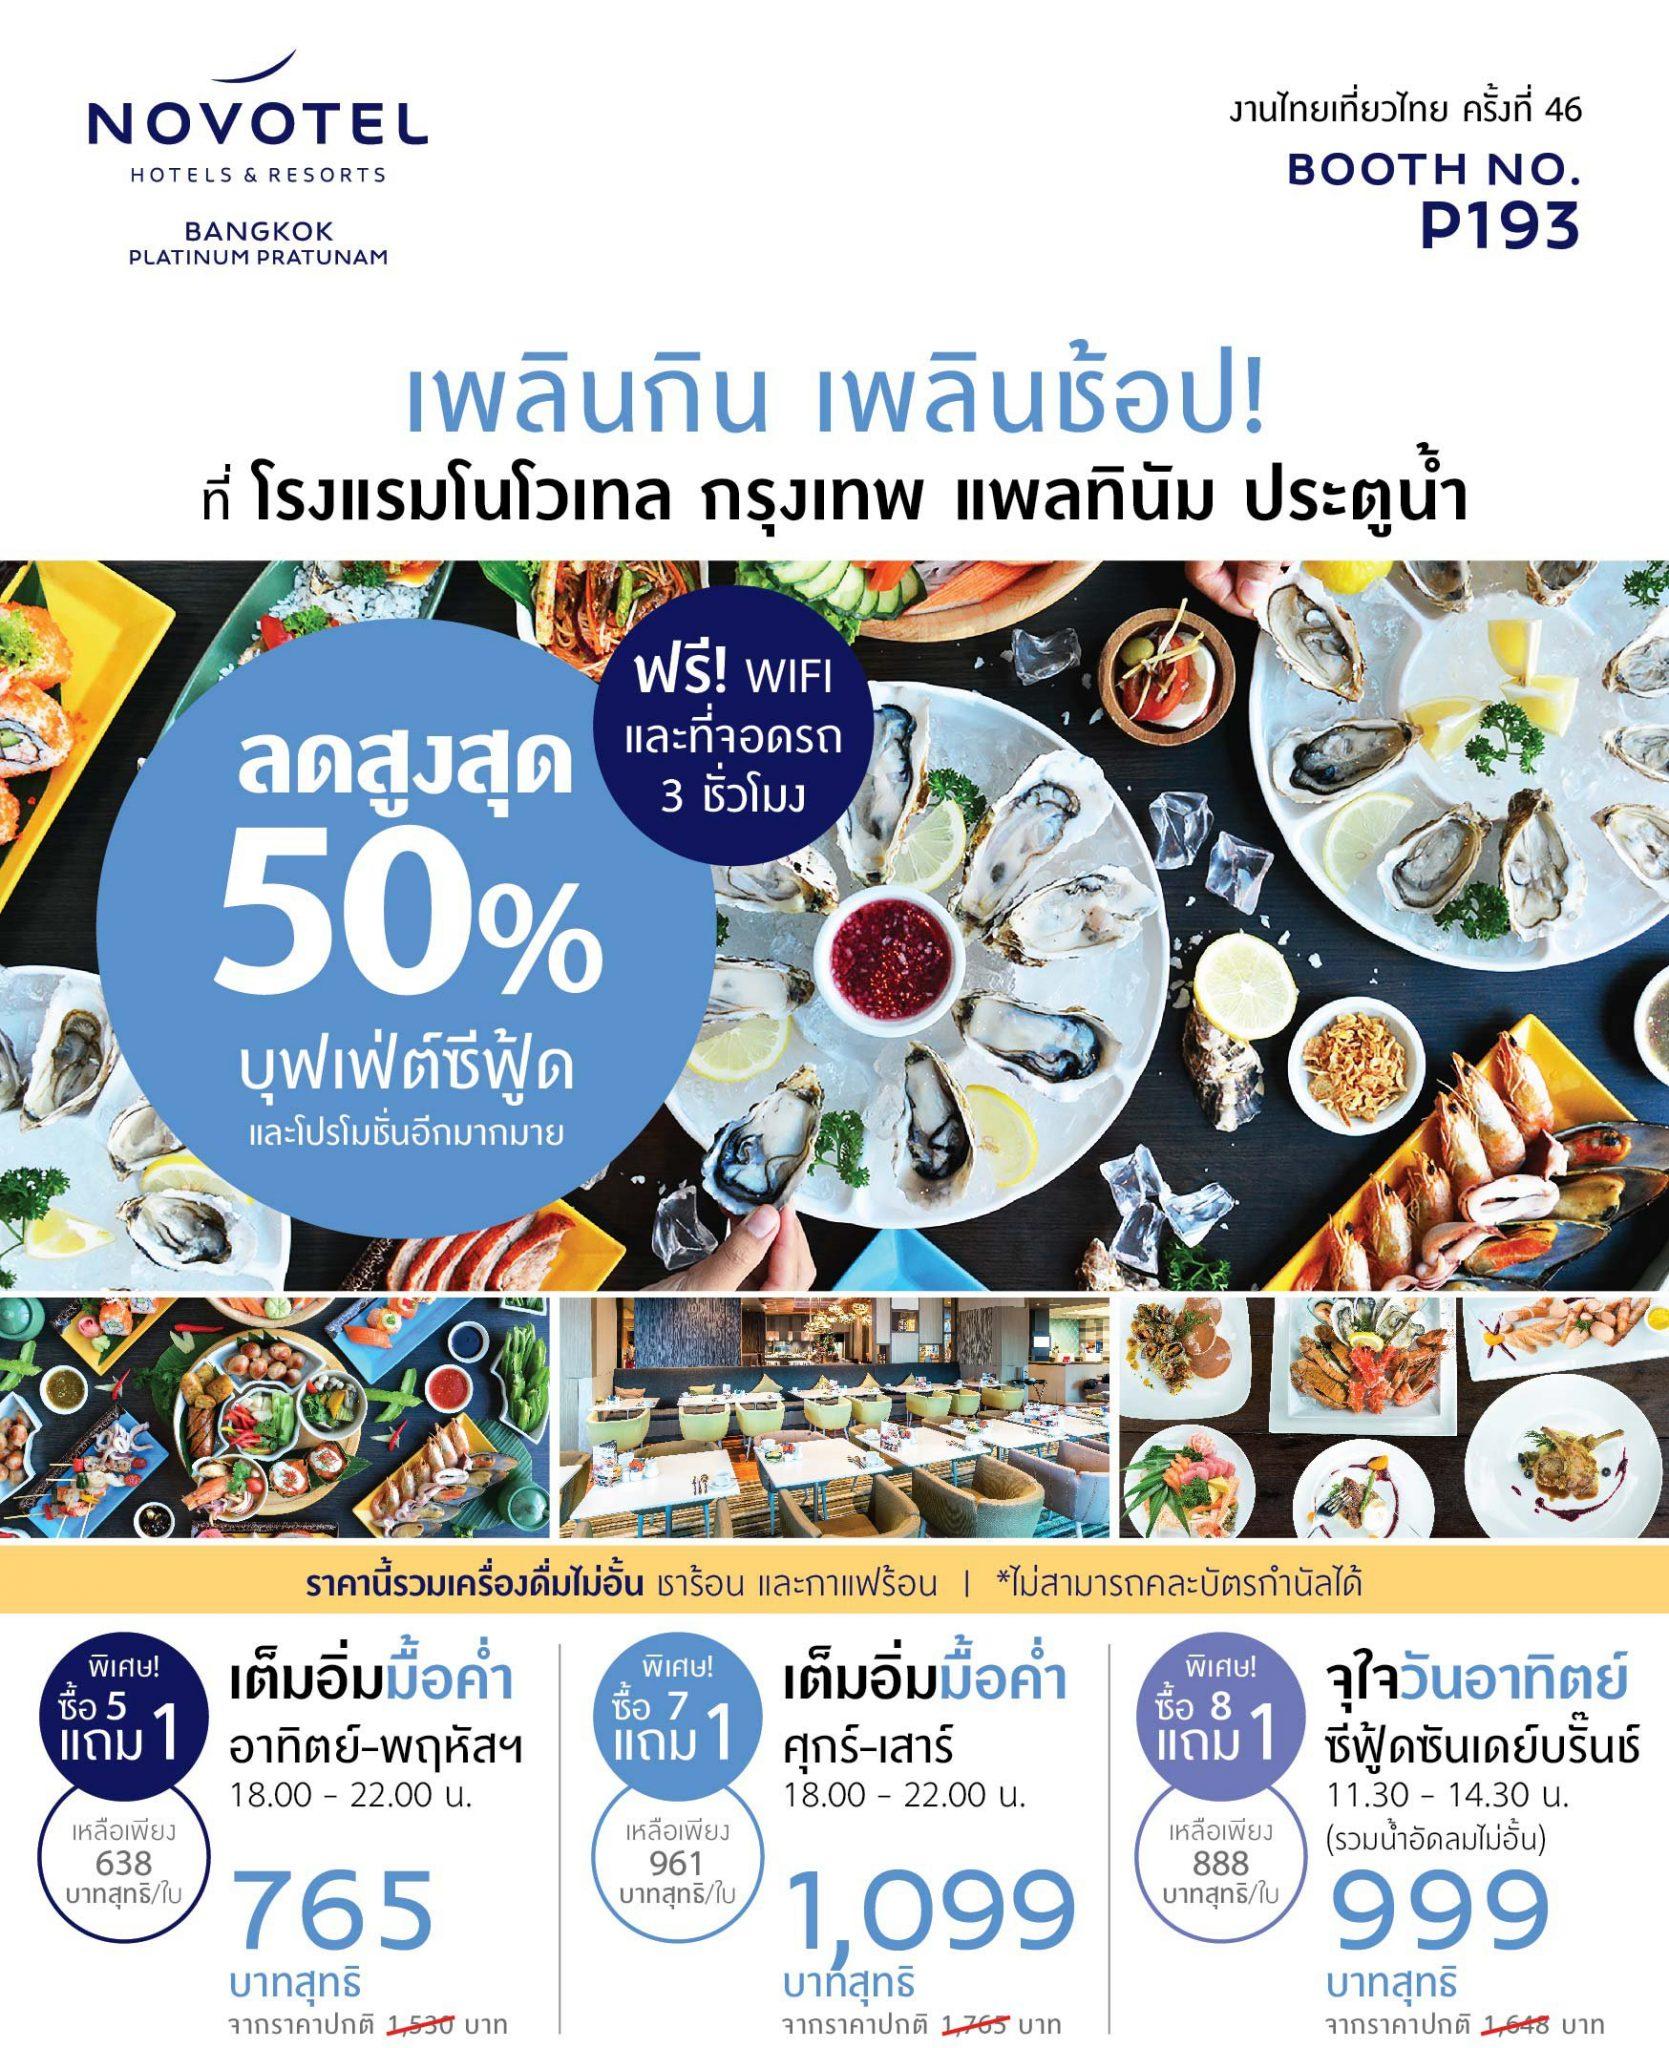 โปรแรงงานไทยเที่ยวไทย! ลดสูงสุด 50% บุฟเฟ่ต์ที่โนโวเทล กรุงเทพ แพลทินัม ประตูน้ำ